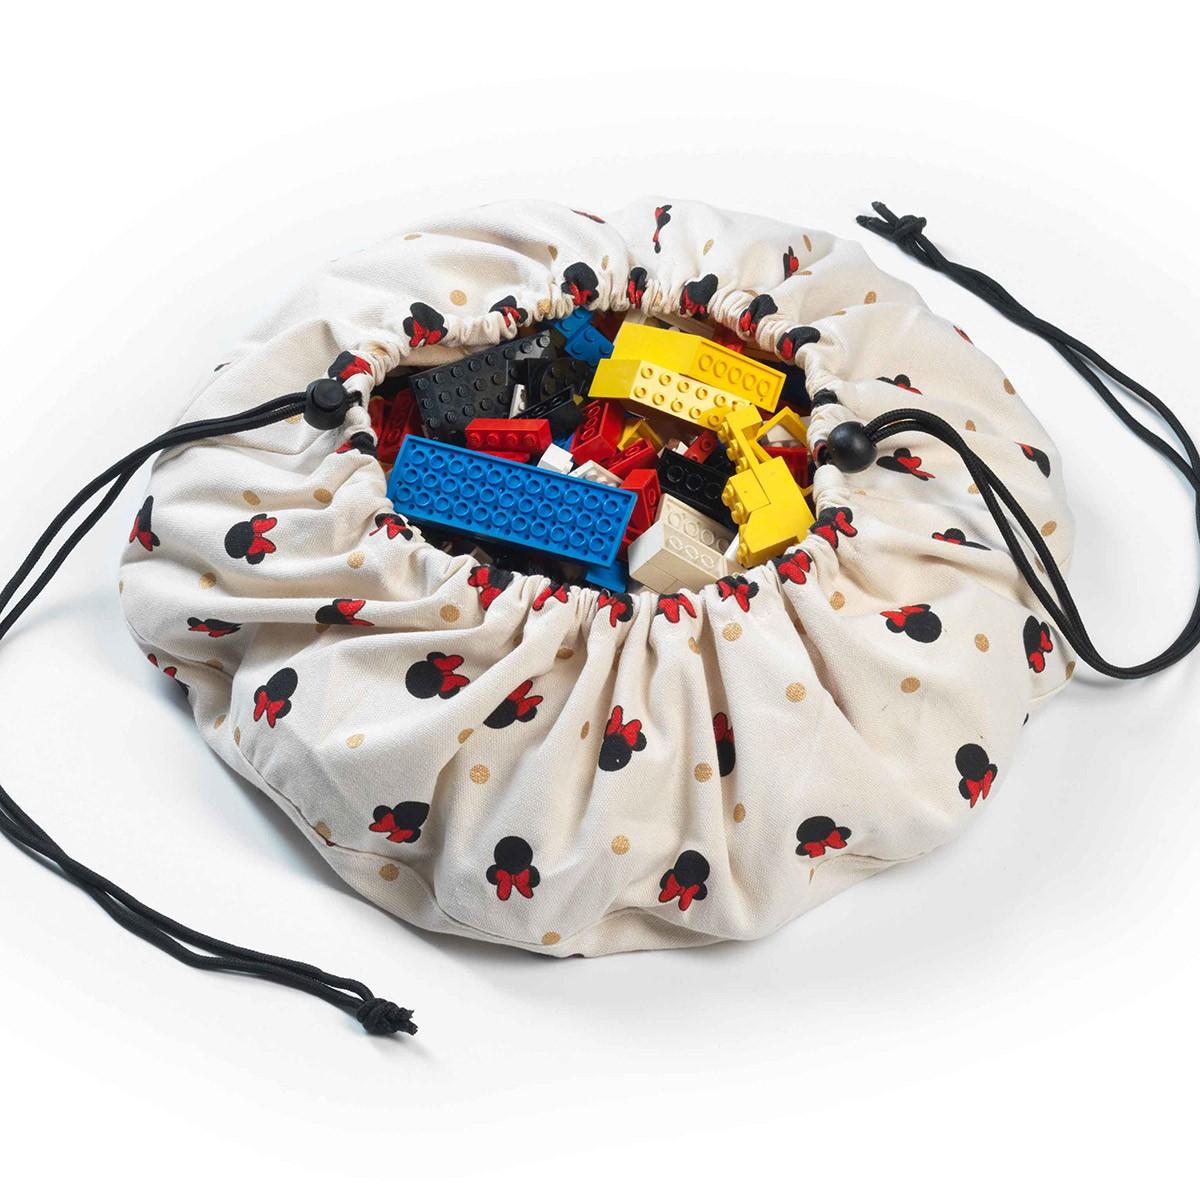 Σάκος/Στρώμα Παιχνιδιού Play&Go Mini Minnie